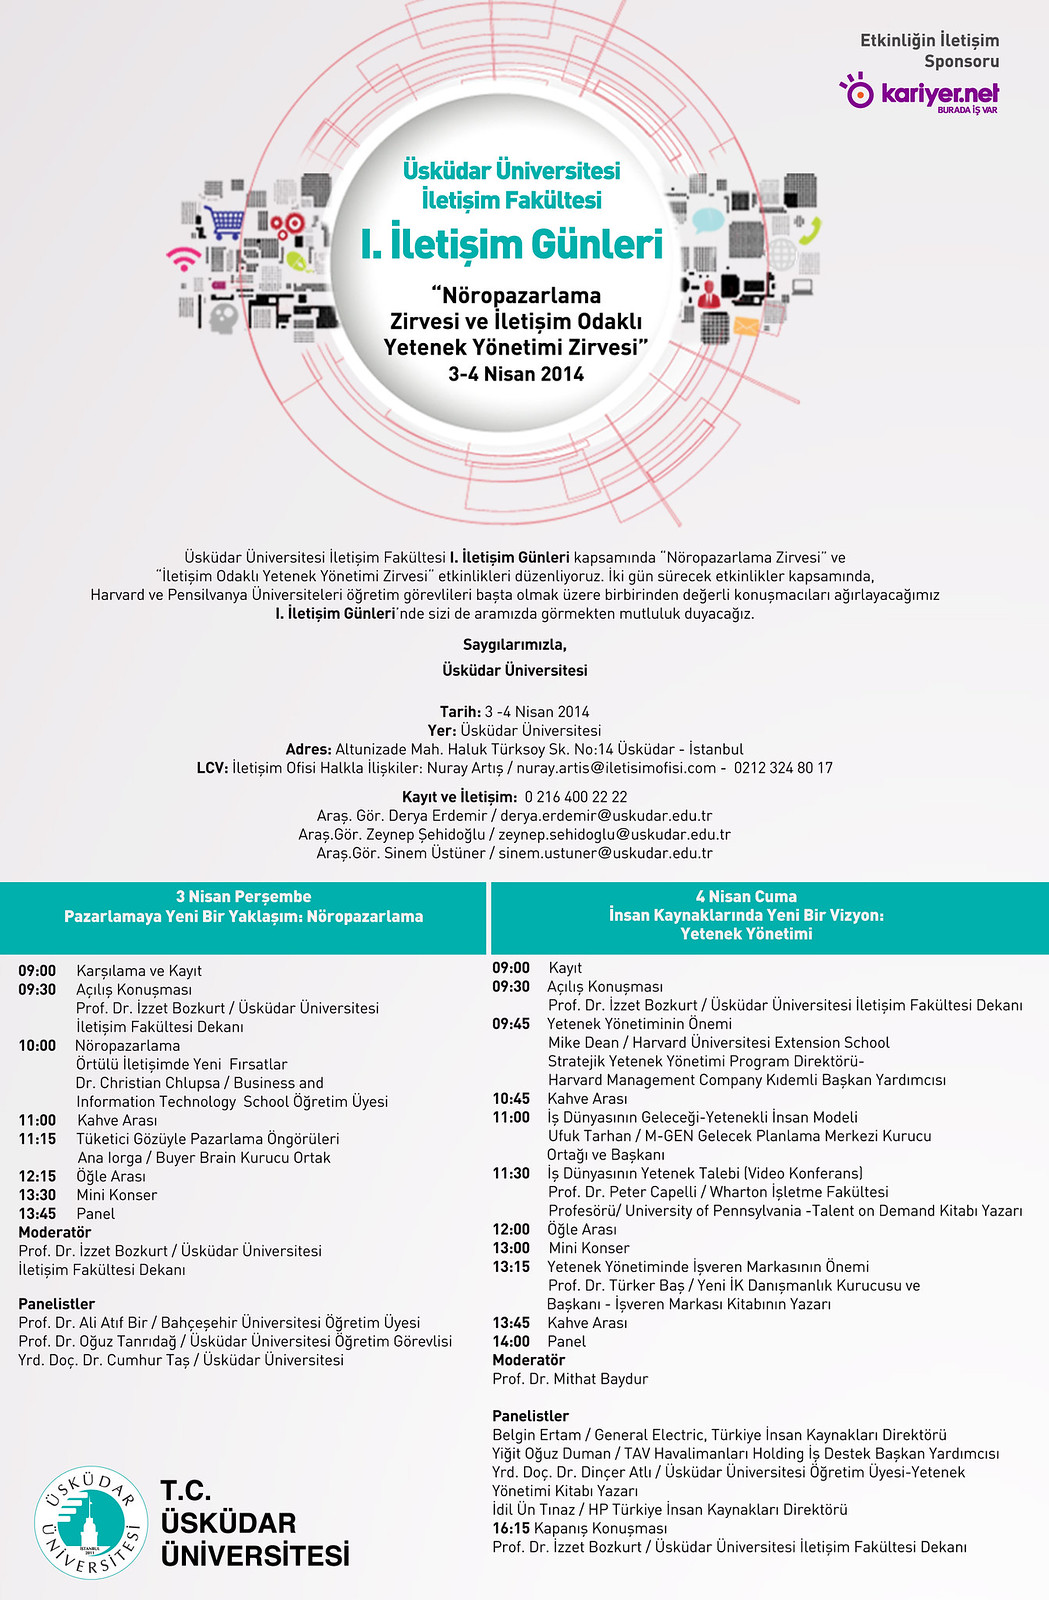 Üsküdar Üniversitesi  I.İletişim Günleri 3-4 Nisan'da!